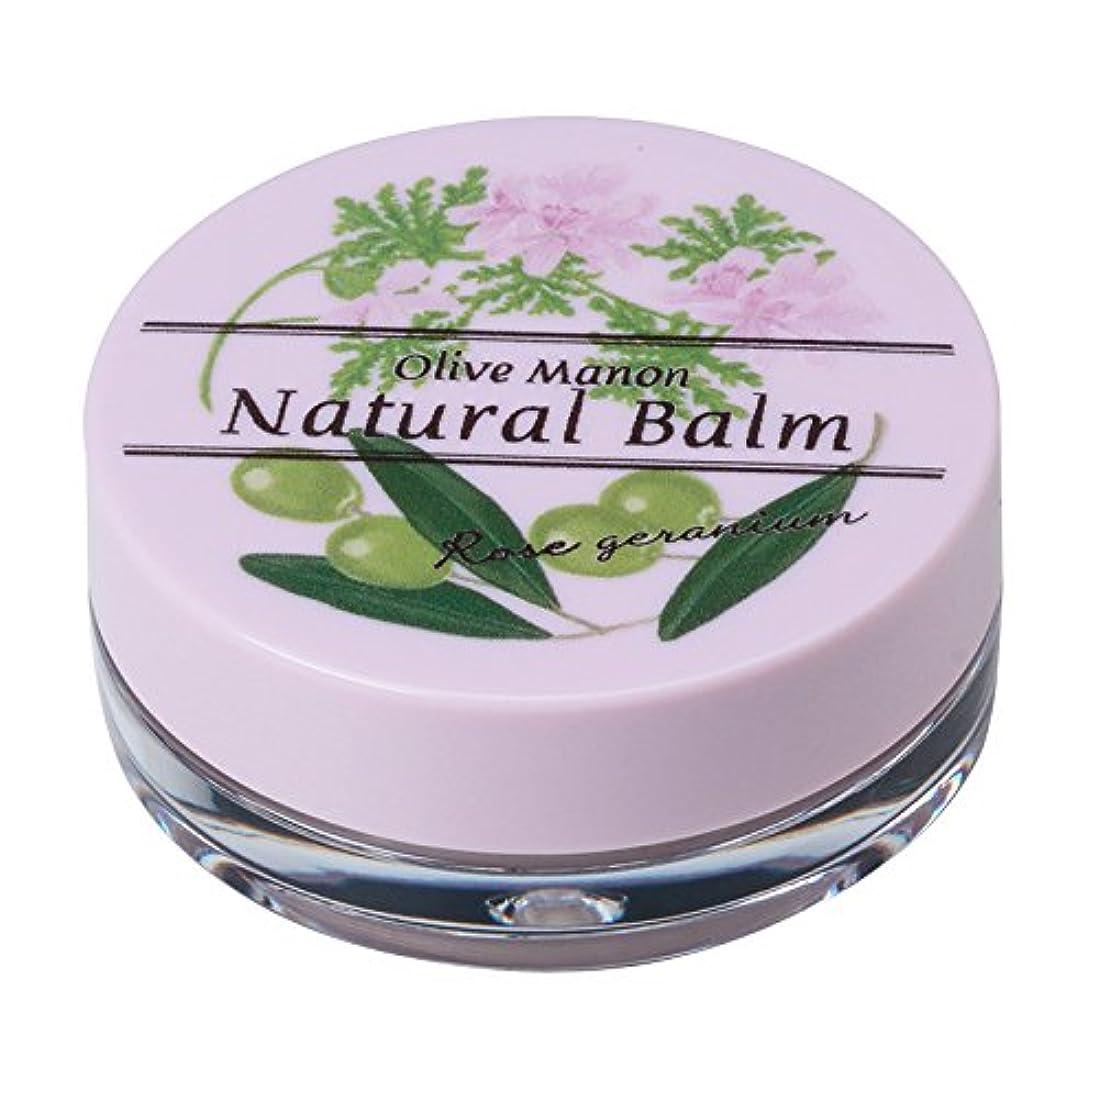 オリーブマノン ナチュバーム ローズゼラニウムの香り (10mL)